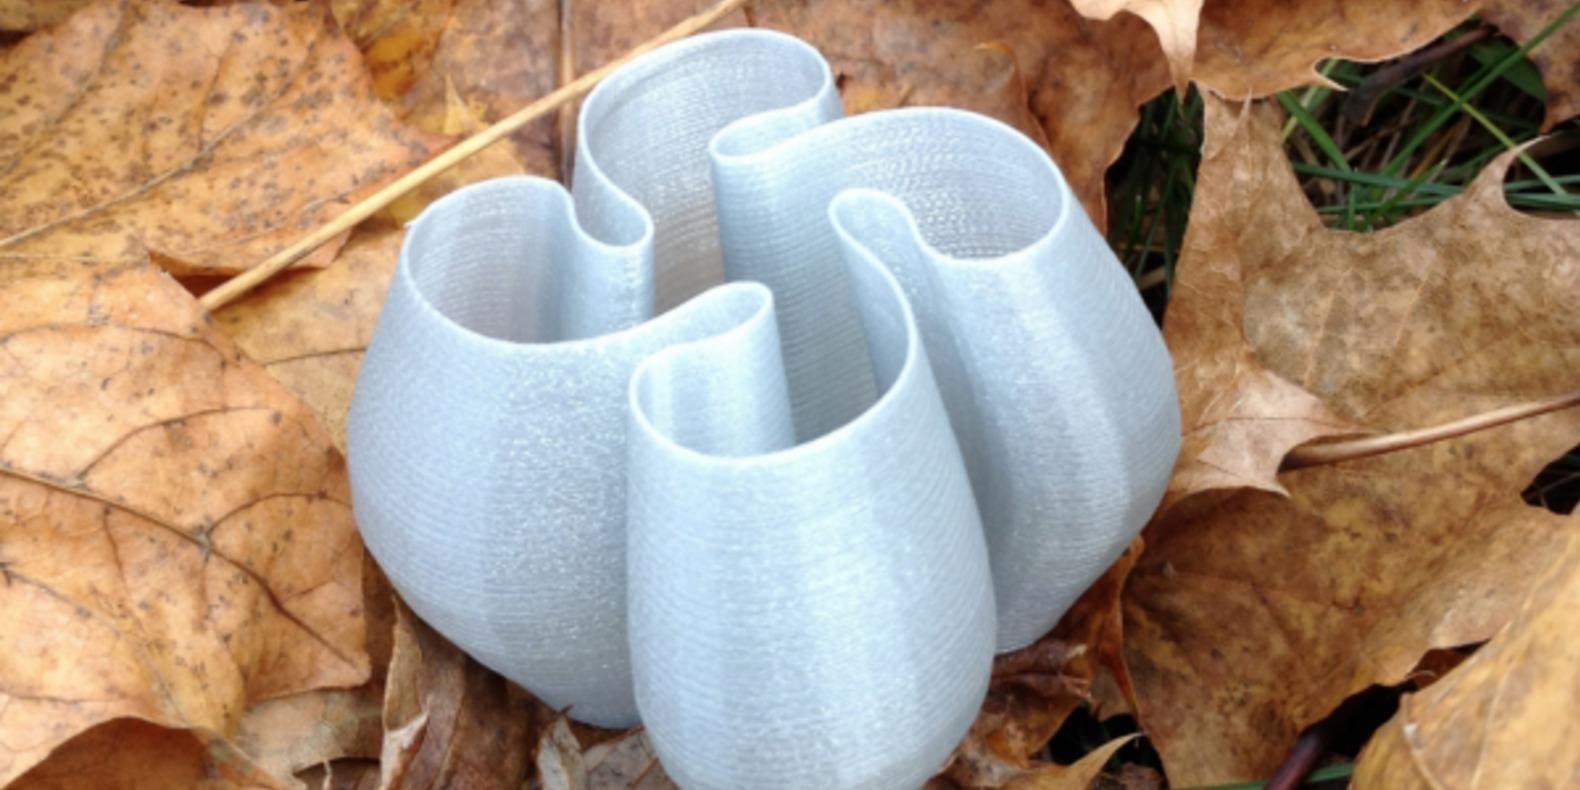 Des vases imprimés en 3D